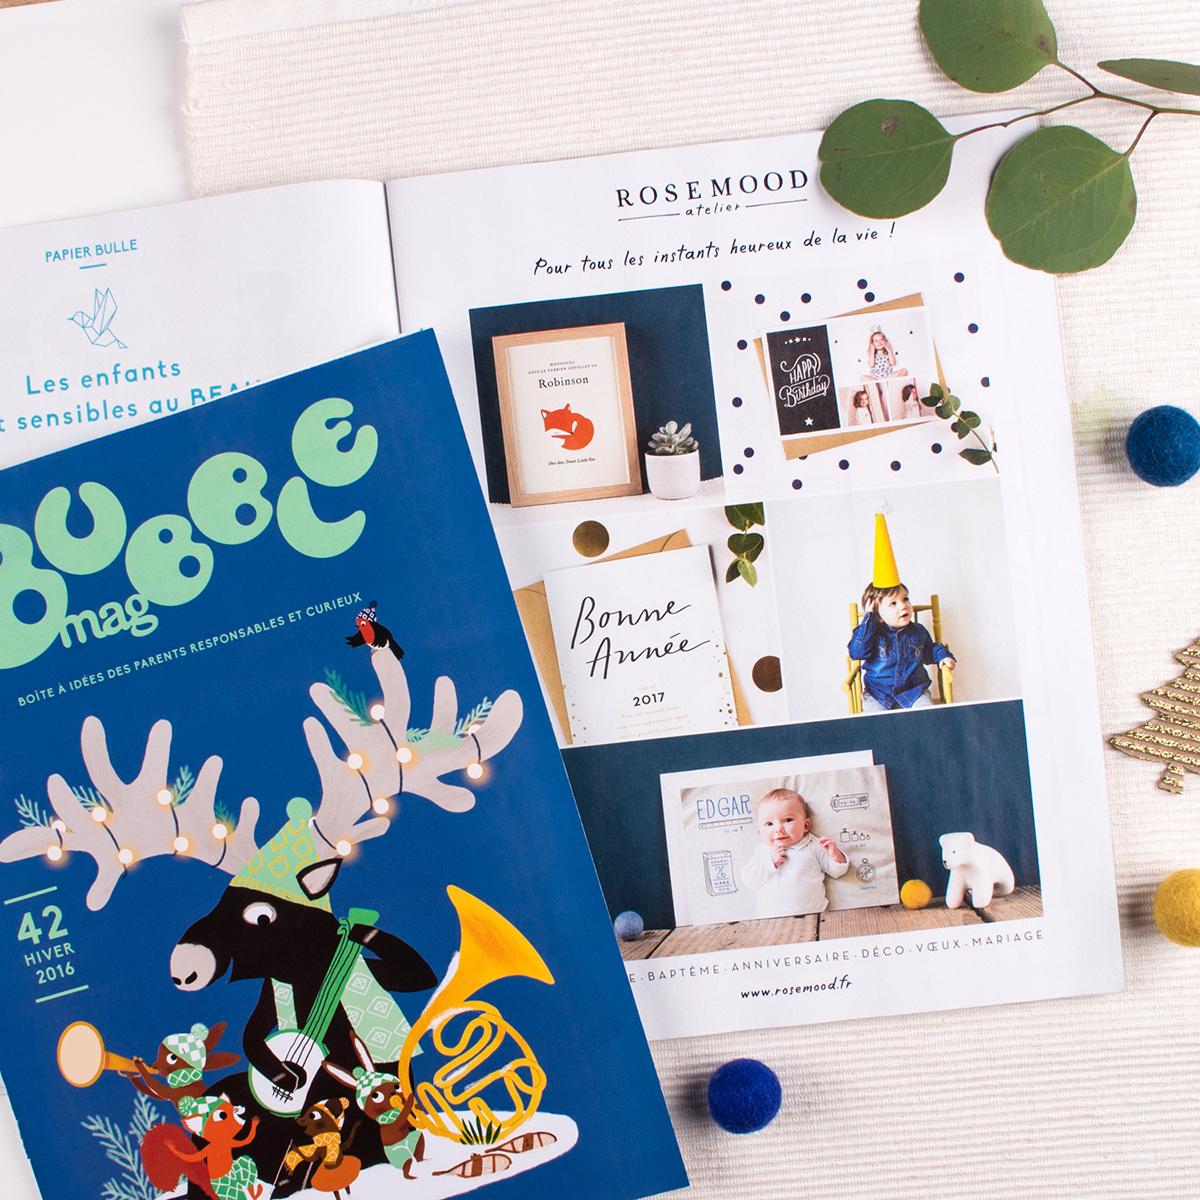 Encart publicité dans le magazine Bubble Mag